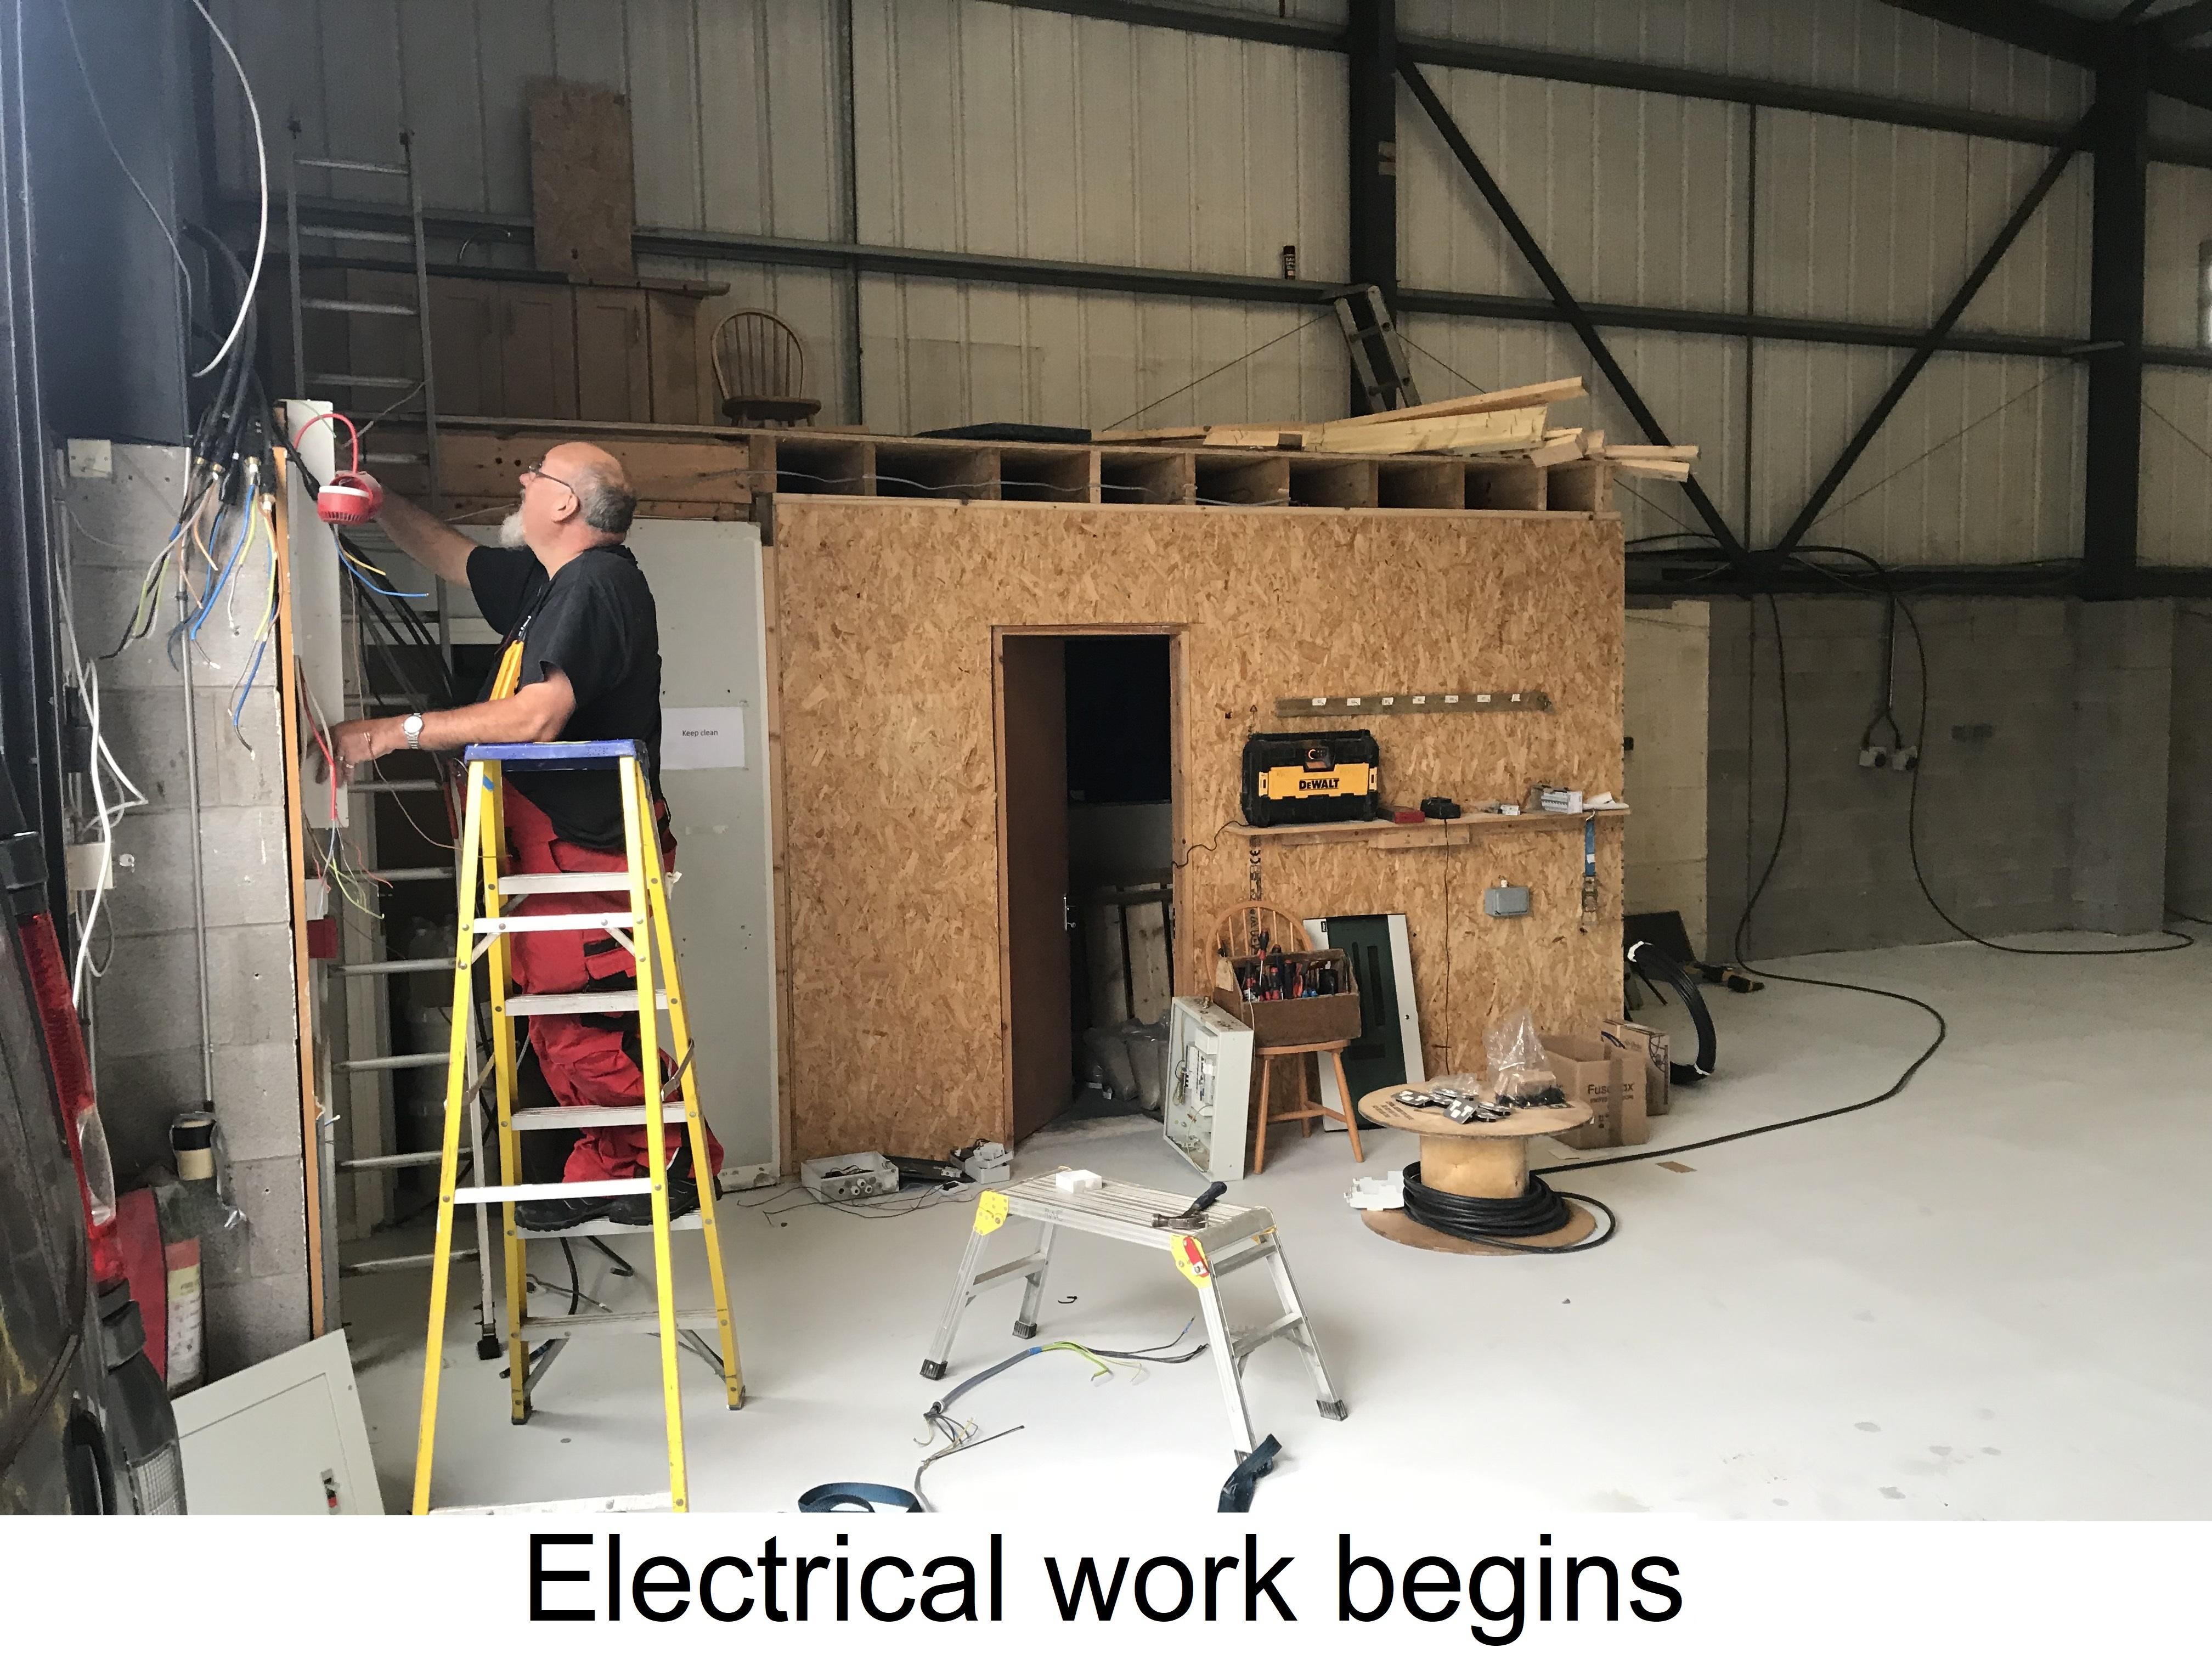 https://0201.nccdn.net/4_2/000/000/07d/e1f/7.-electrical-work-begins.jpg